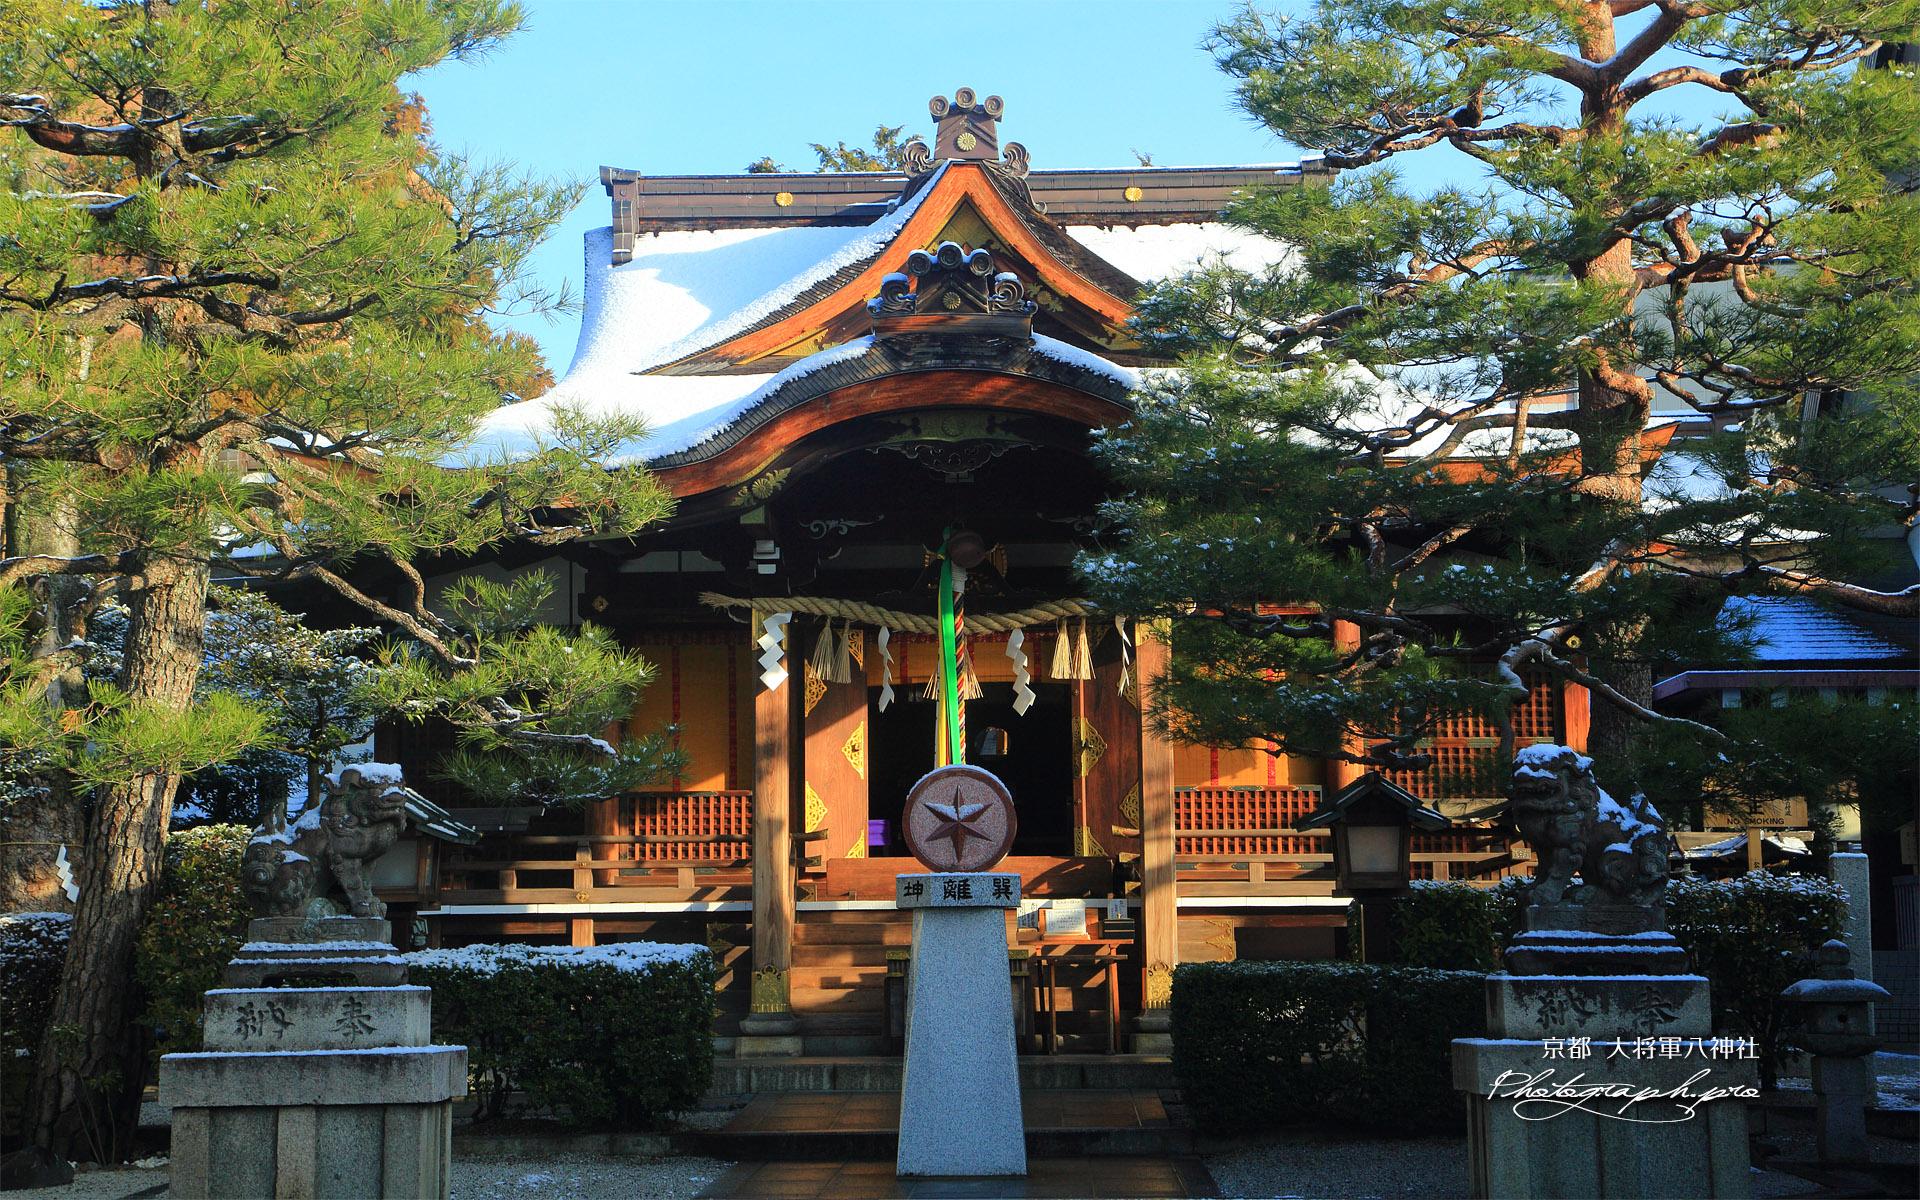 大将軍八神社 淡雪の拝殿